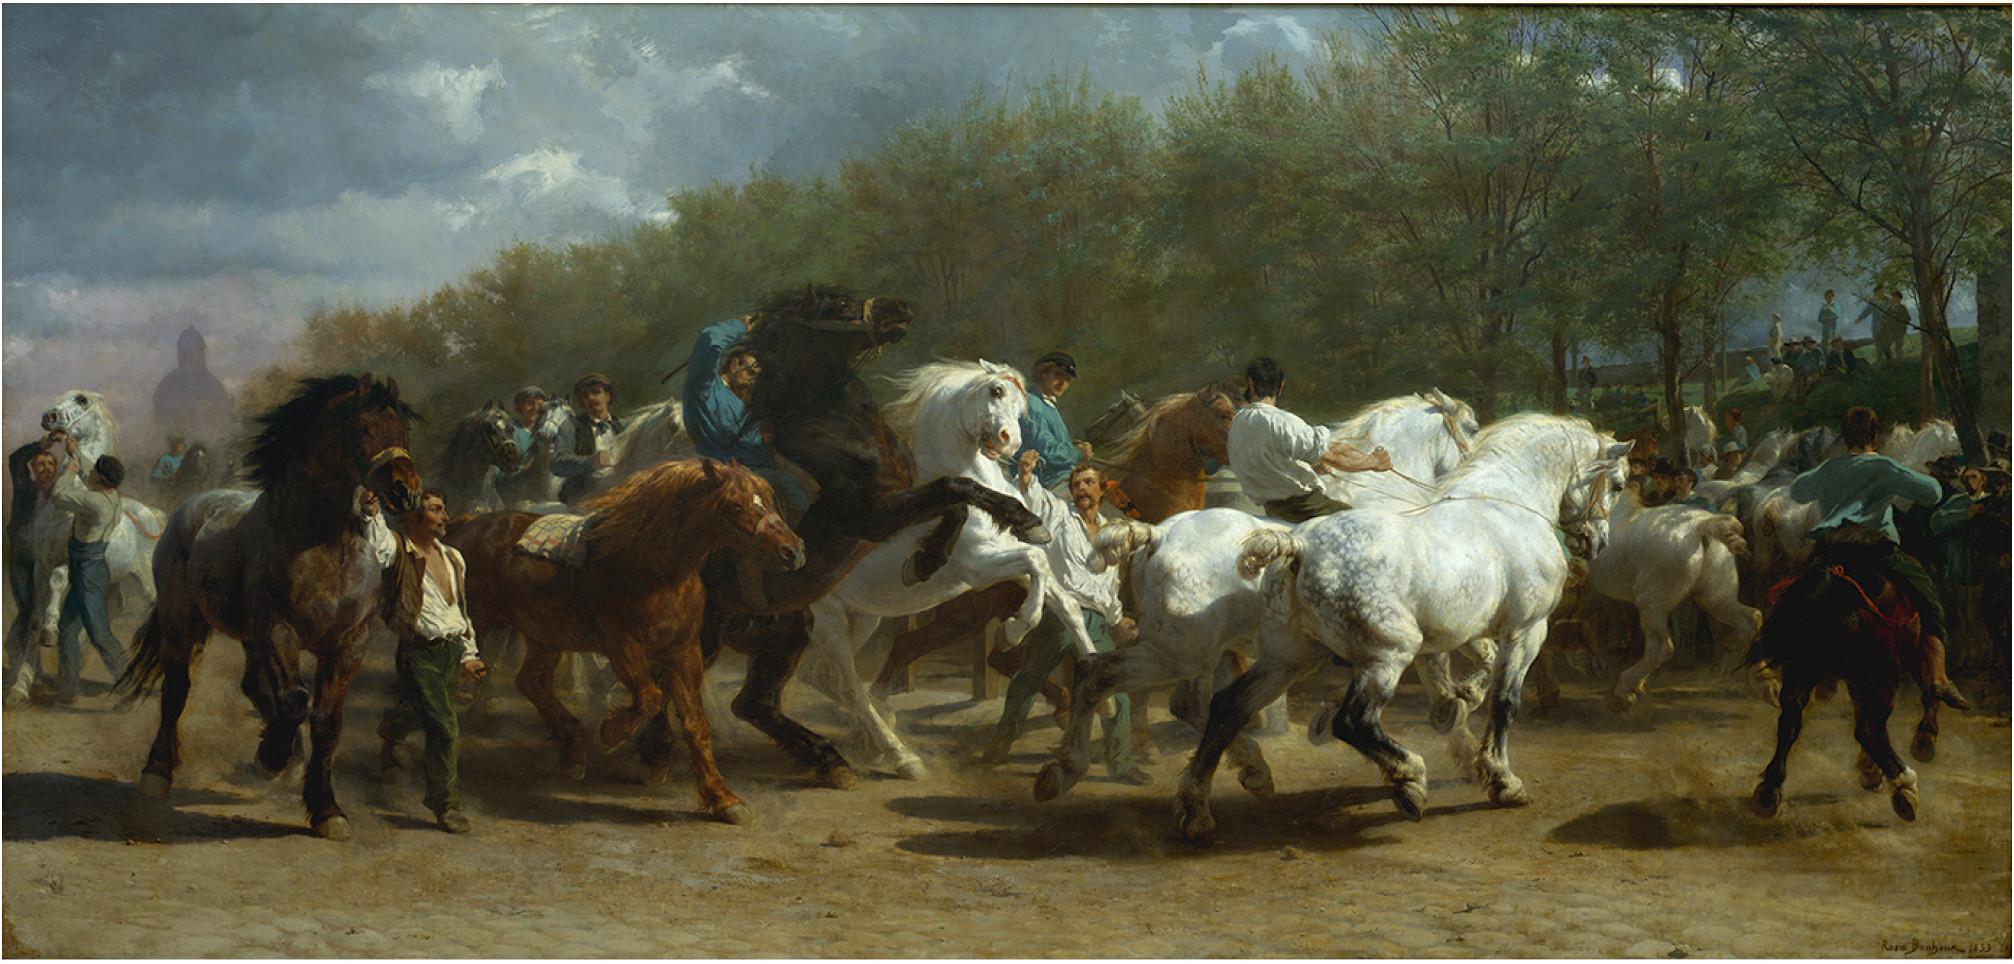 """Rosa Bonheur's """"The Horse Fair,"""" 1852-55, oil on canvas"""